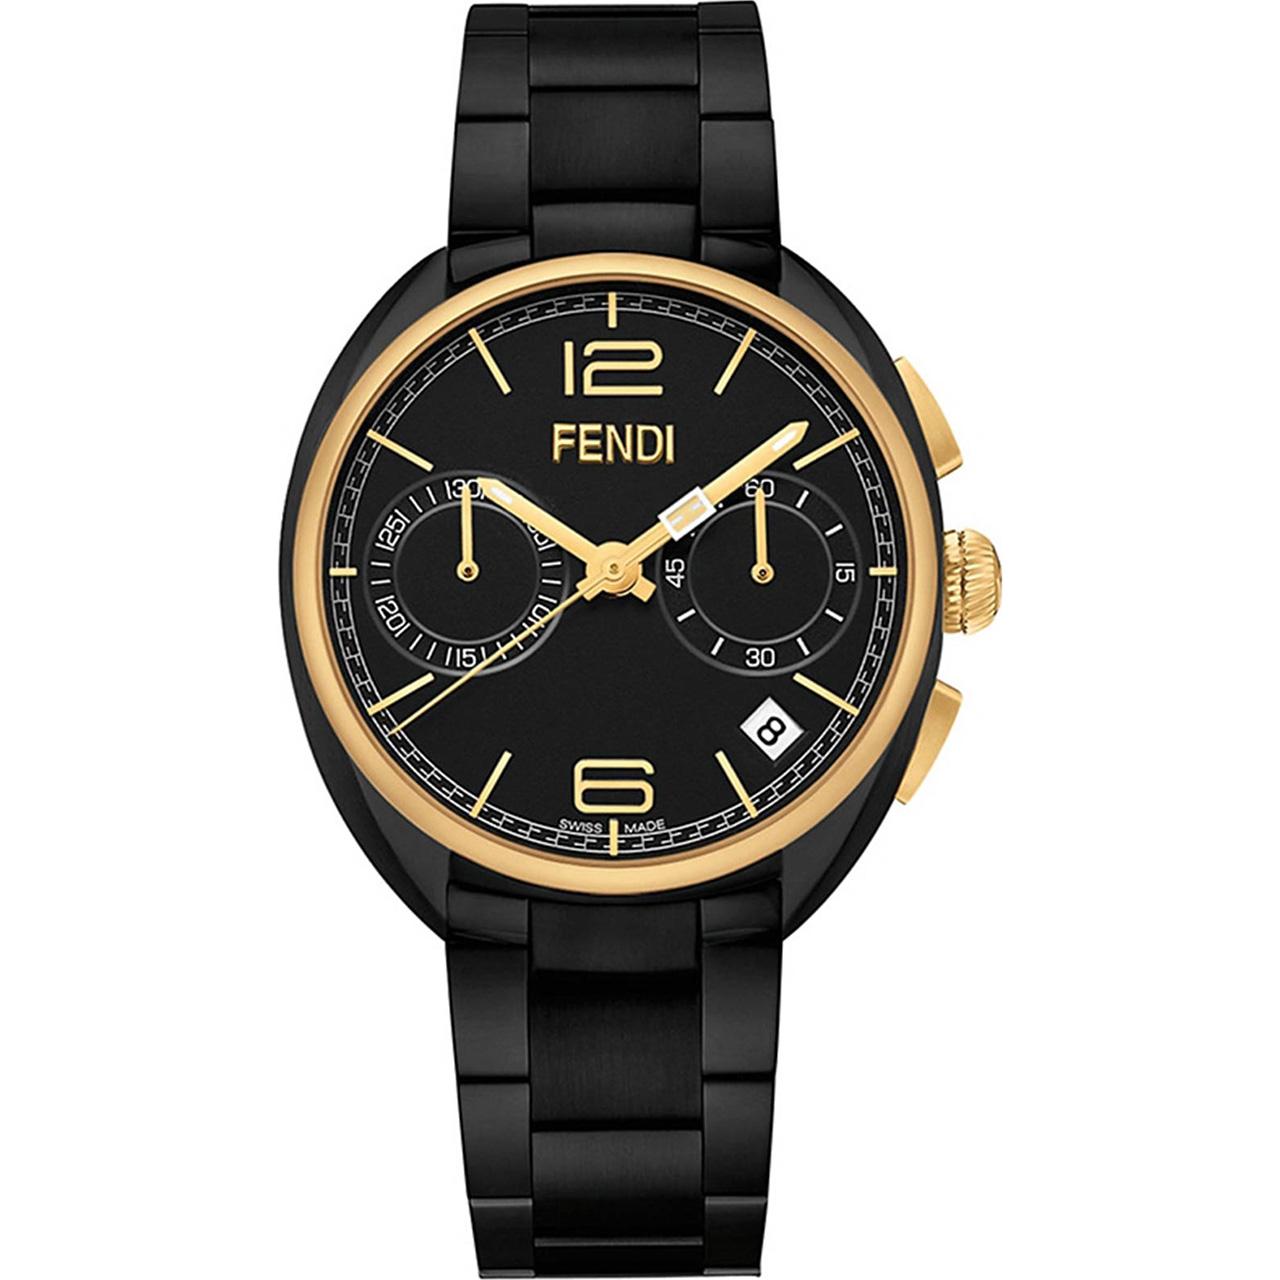 ساعت مچی عقربه ای مردانه فندی مدل F219111000